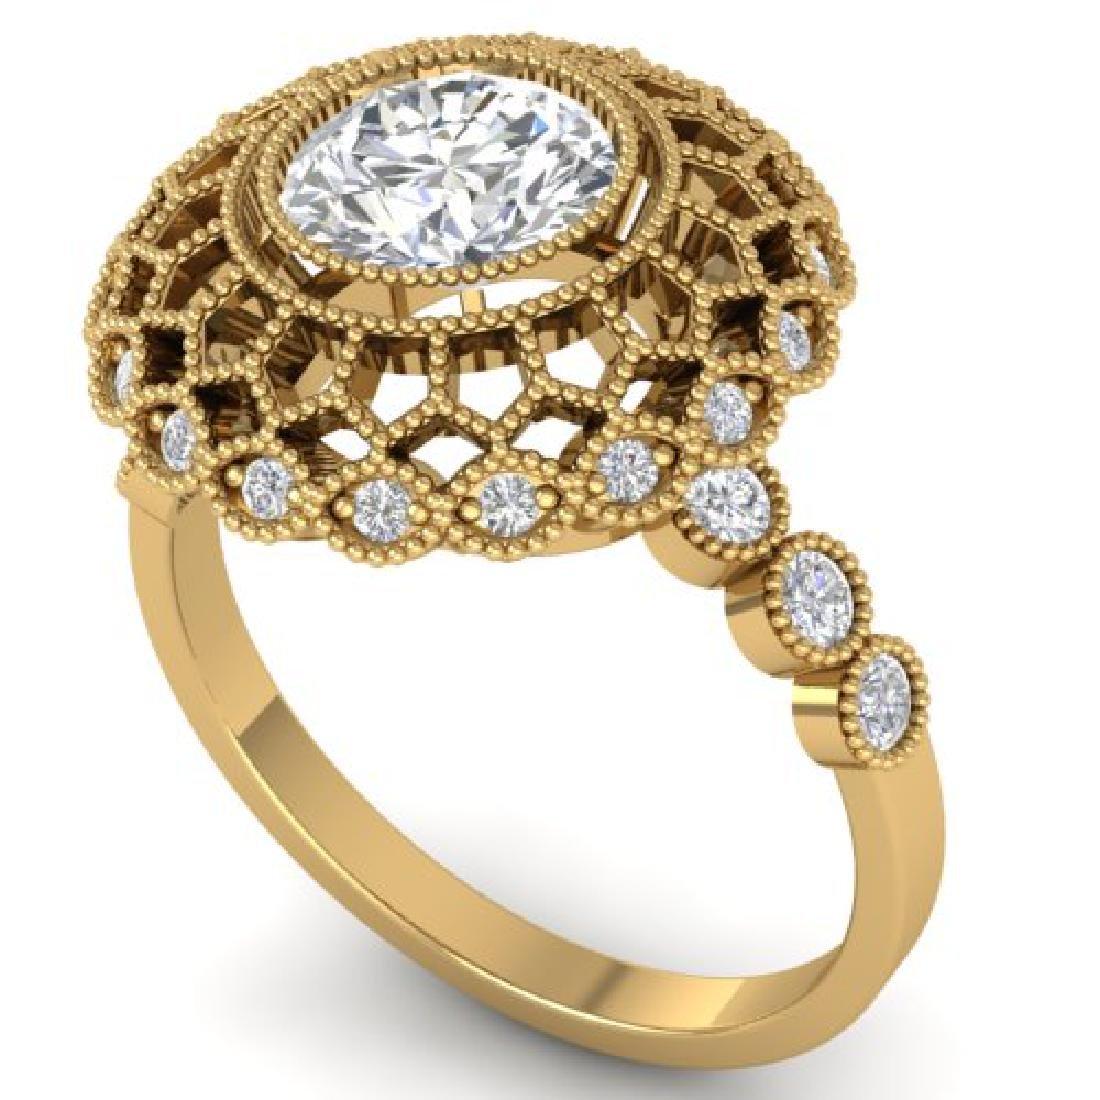 1.5 CTW Certified VS/SI Diamond Art Deco Ring 18K - 2